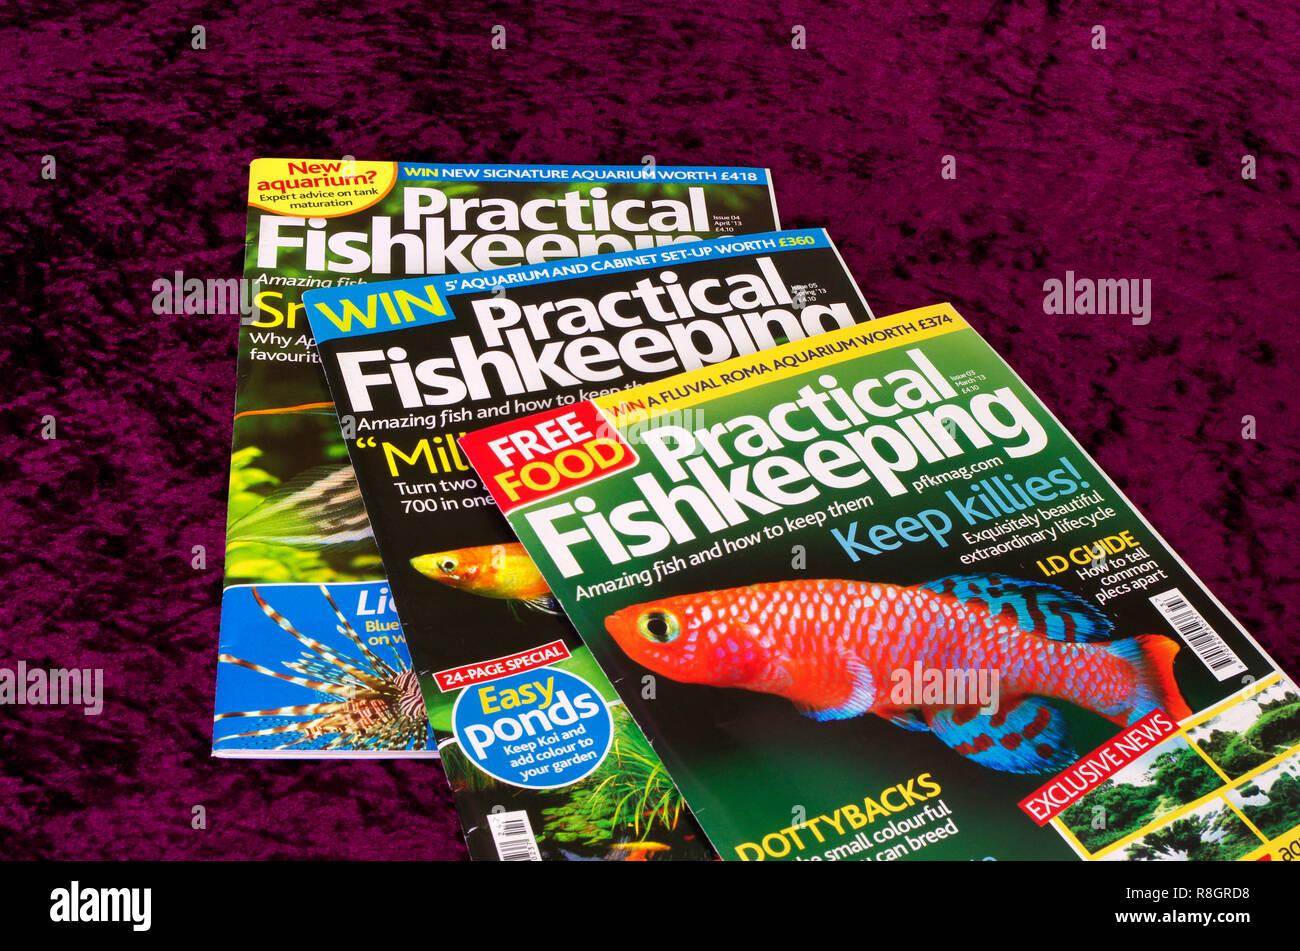 Practical Fishkeeping Hobbyists Monthly Magazine or Periodical, UK - Stock Image